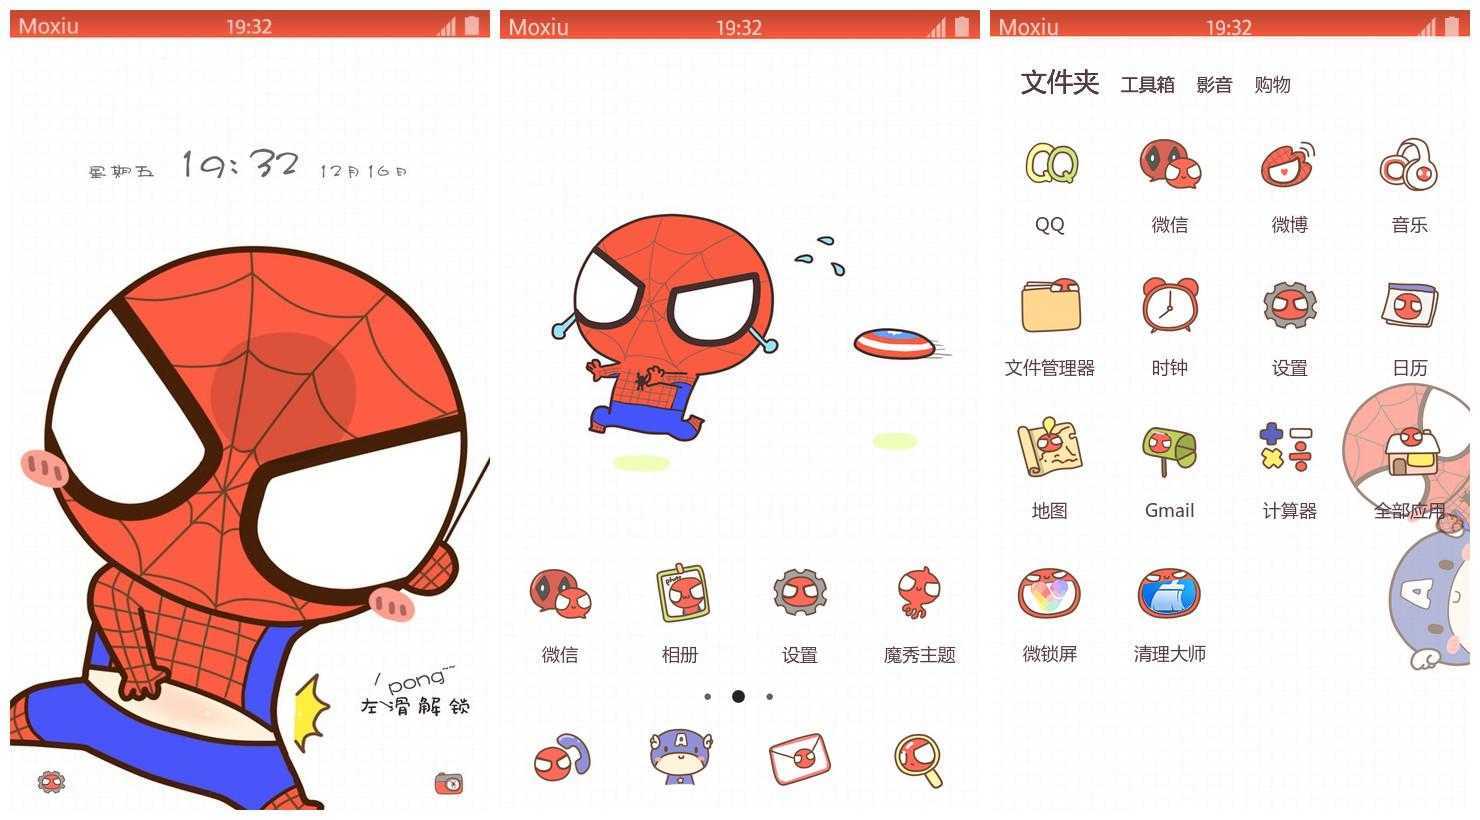 蜘蛛侠手机主题,漫威手机主题,二次元手机主题